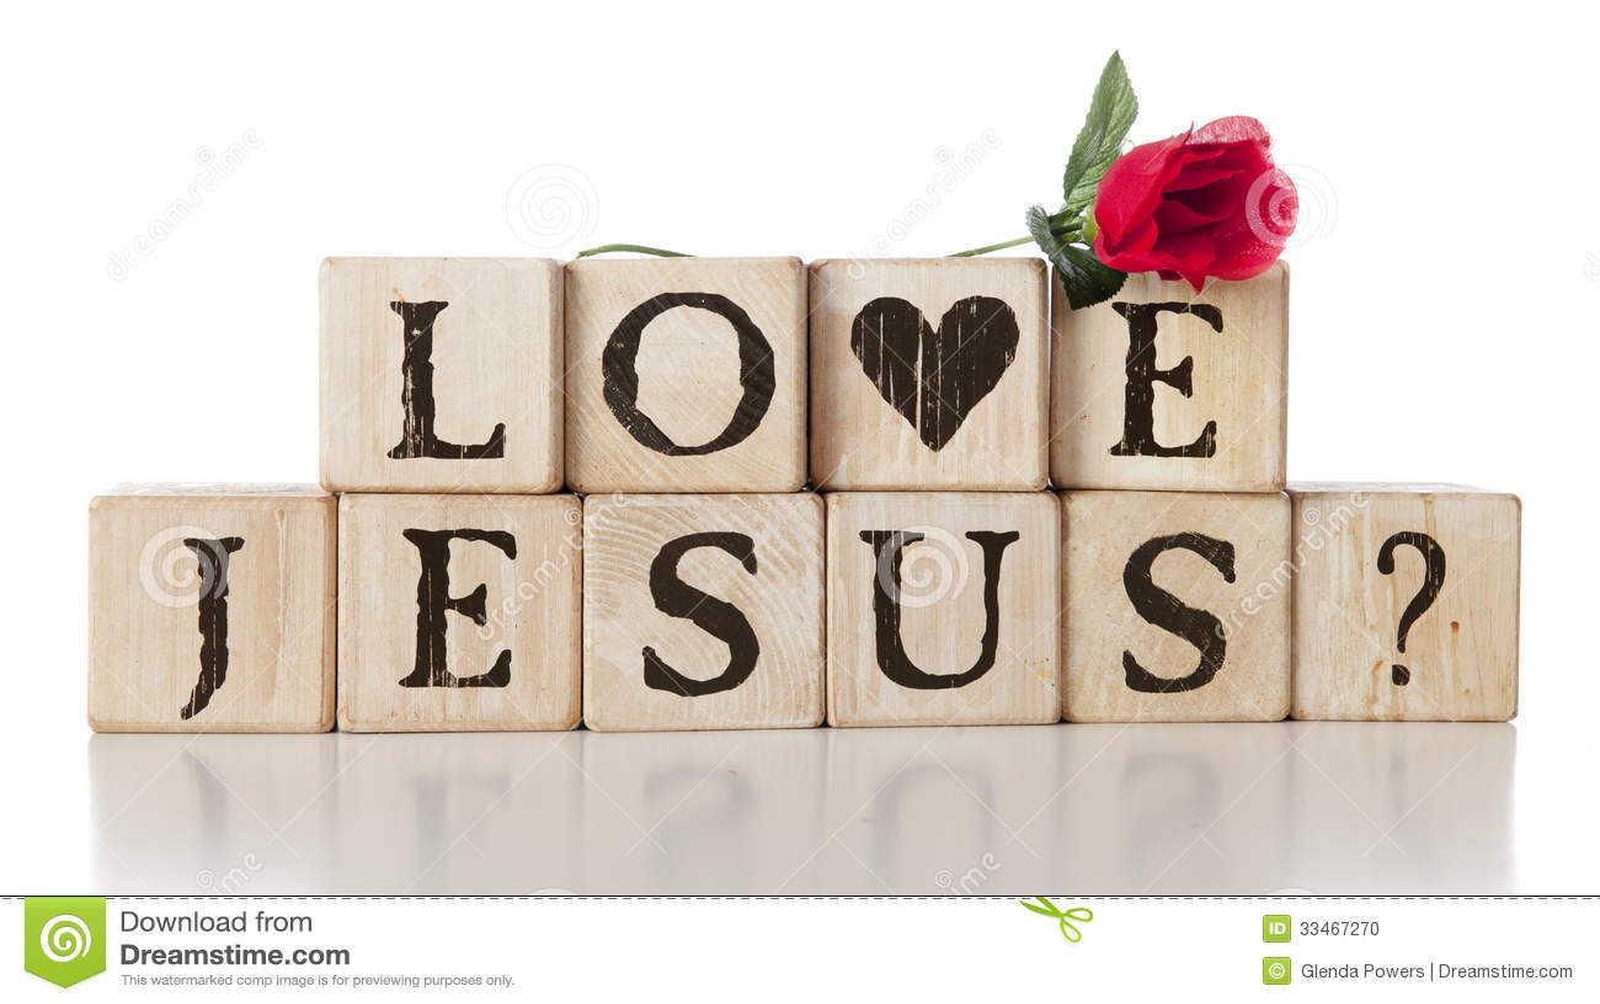 Miłość Jezus?